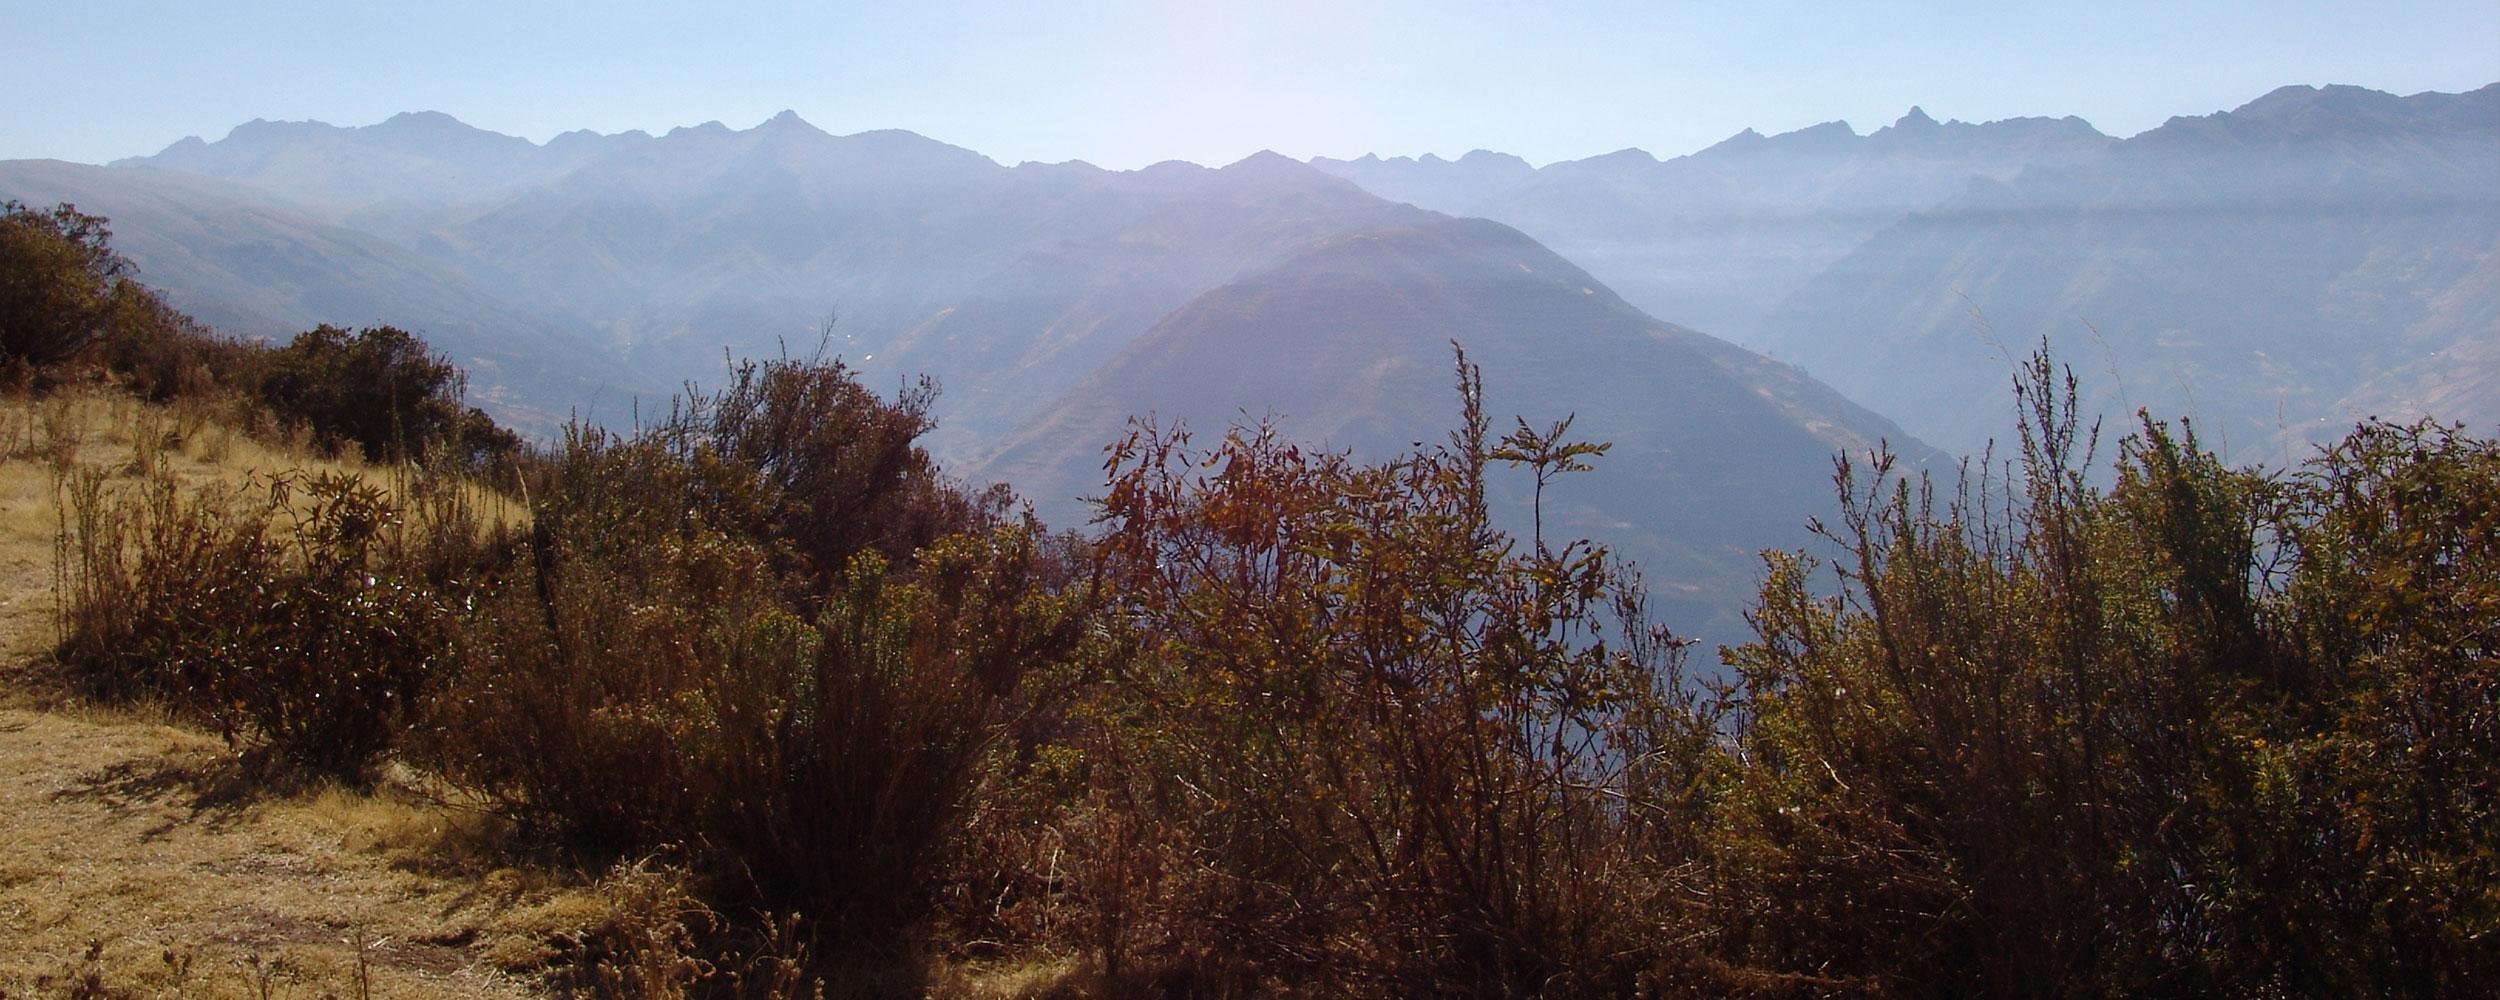 huchuy qosqo trek 1 day (4)